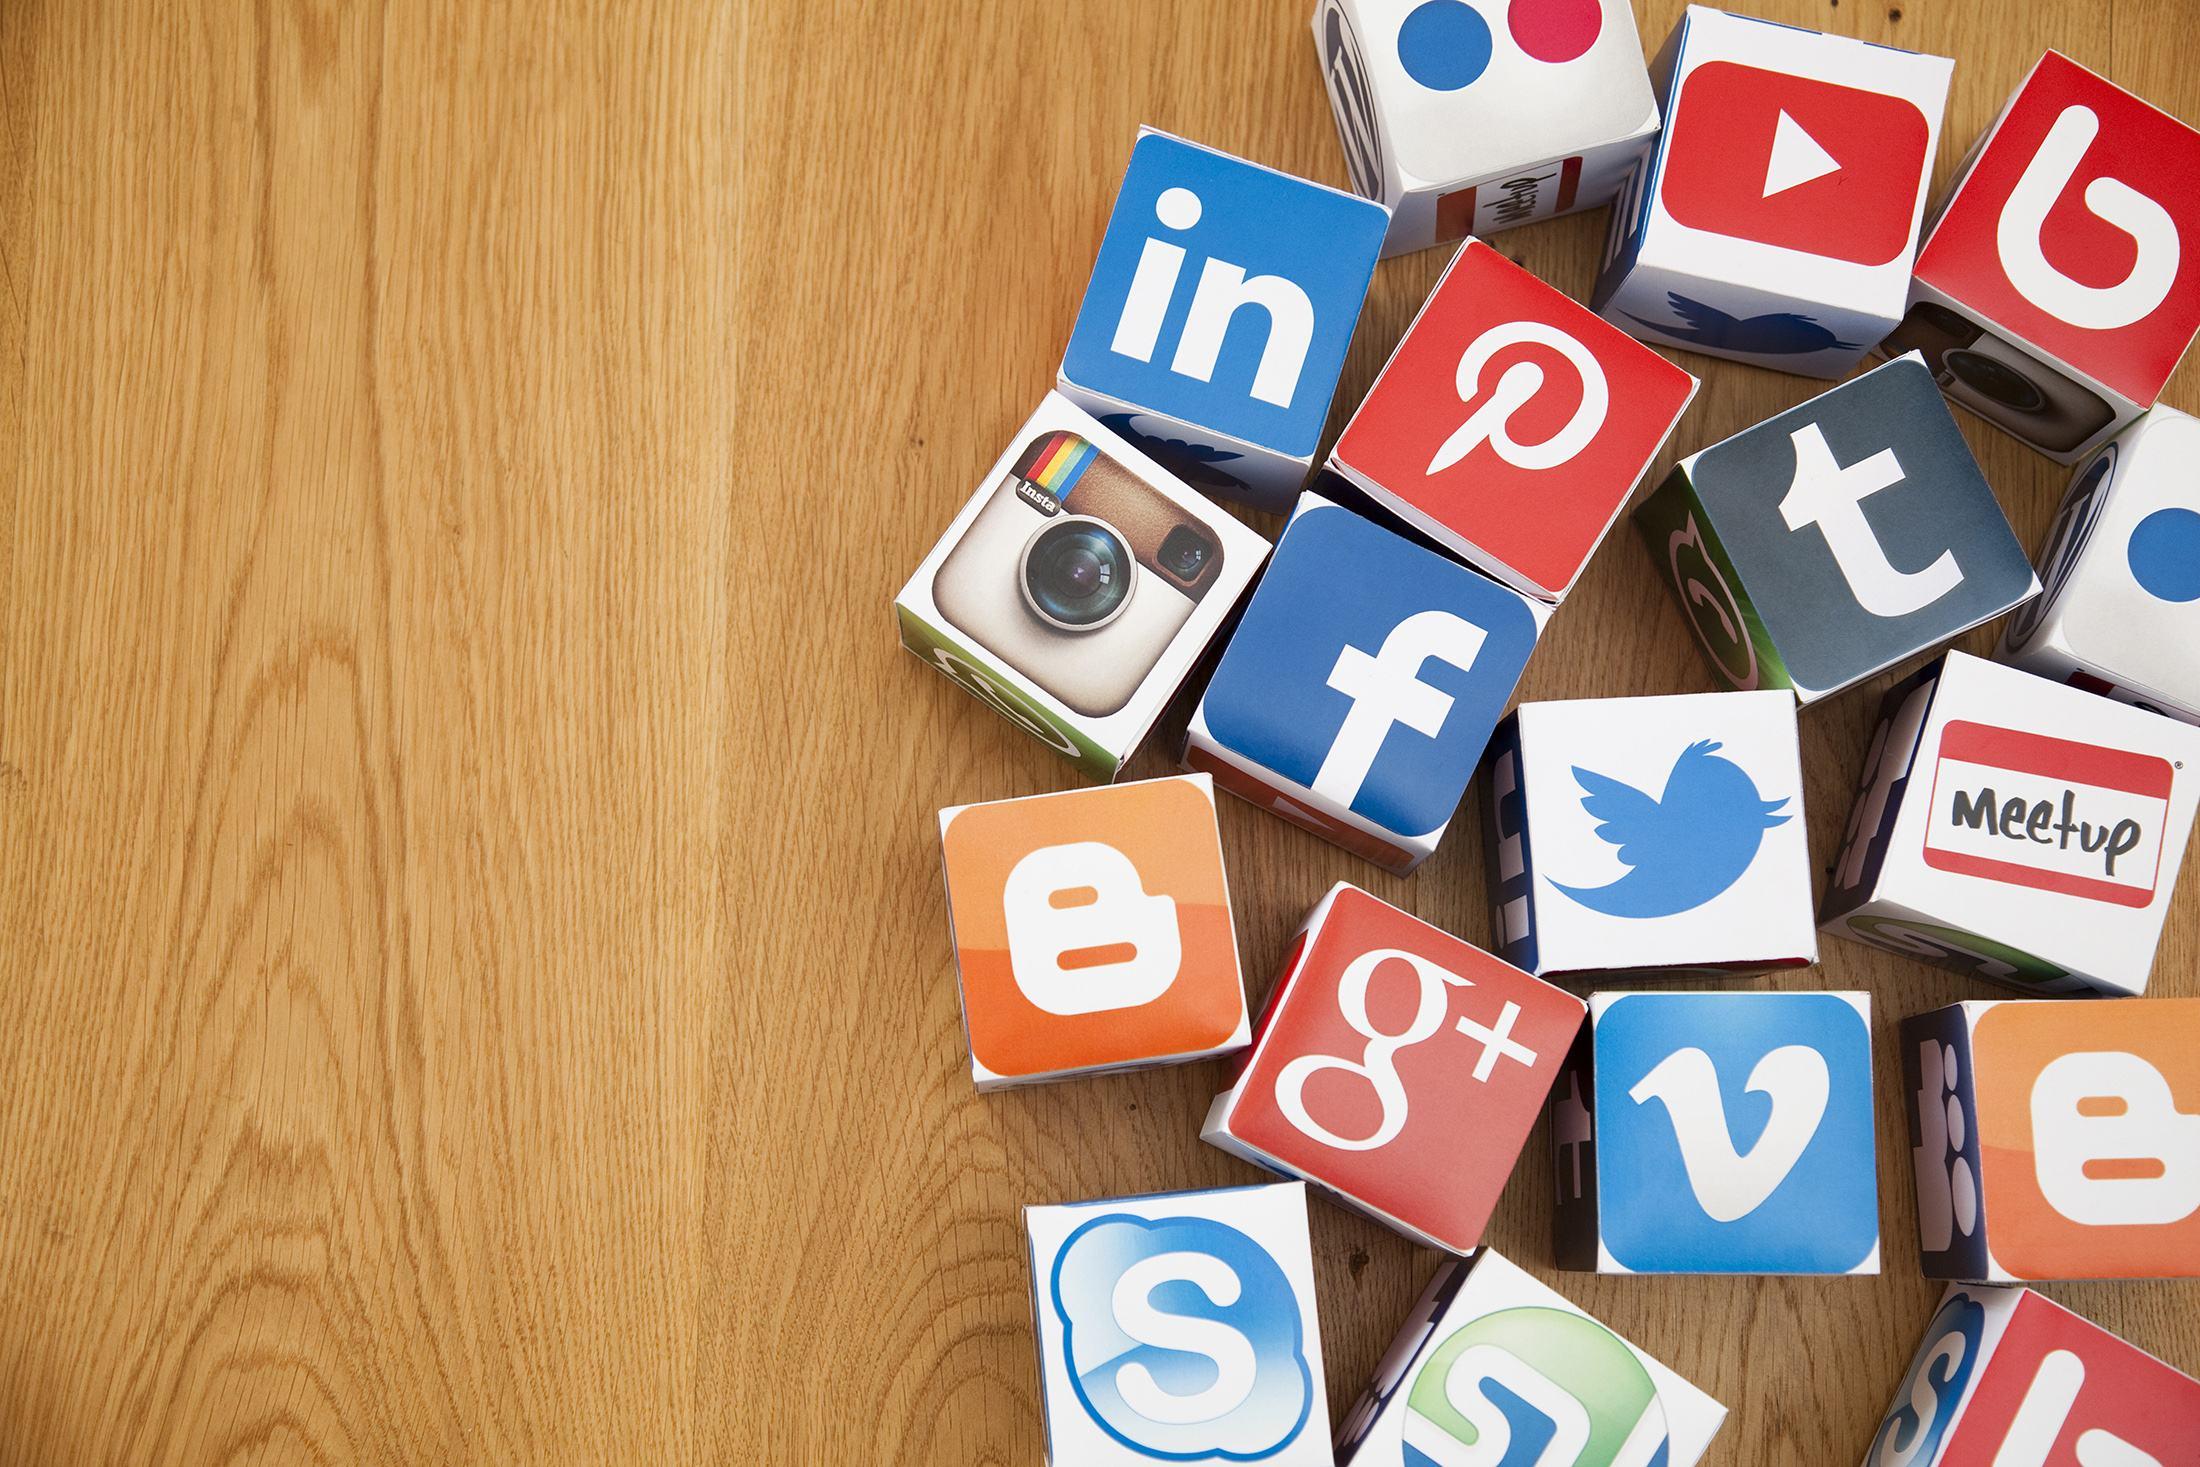 借力权威媒体,快速建立品牌公信力